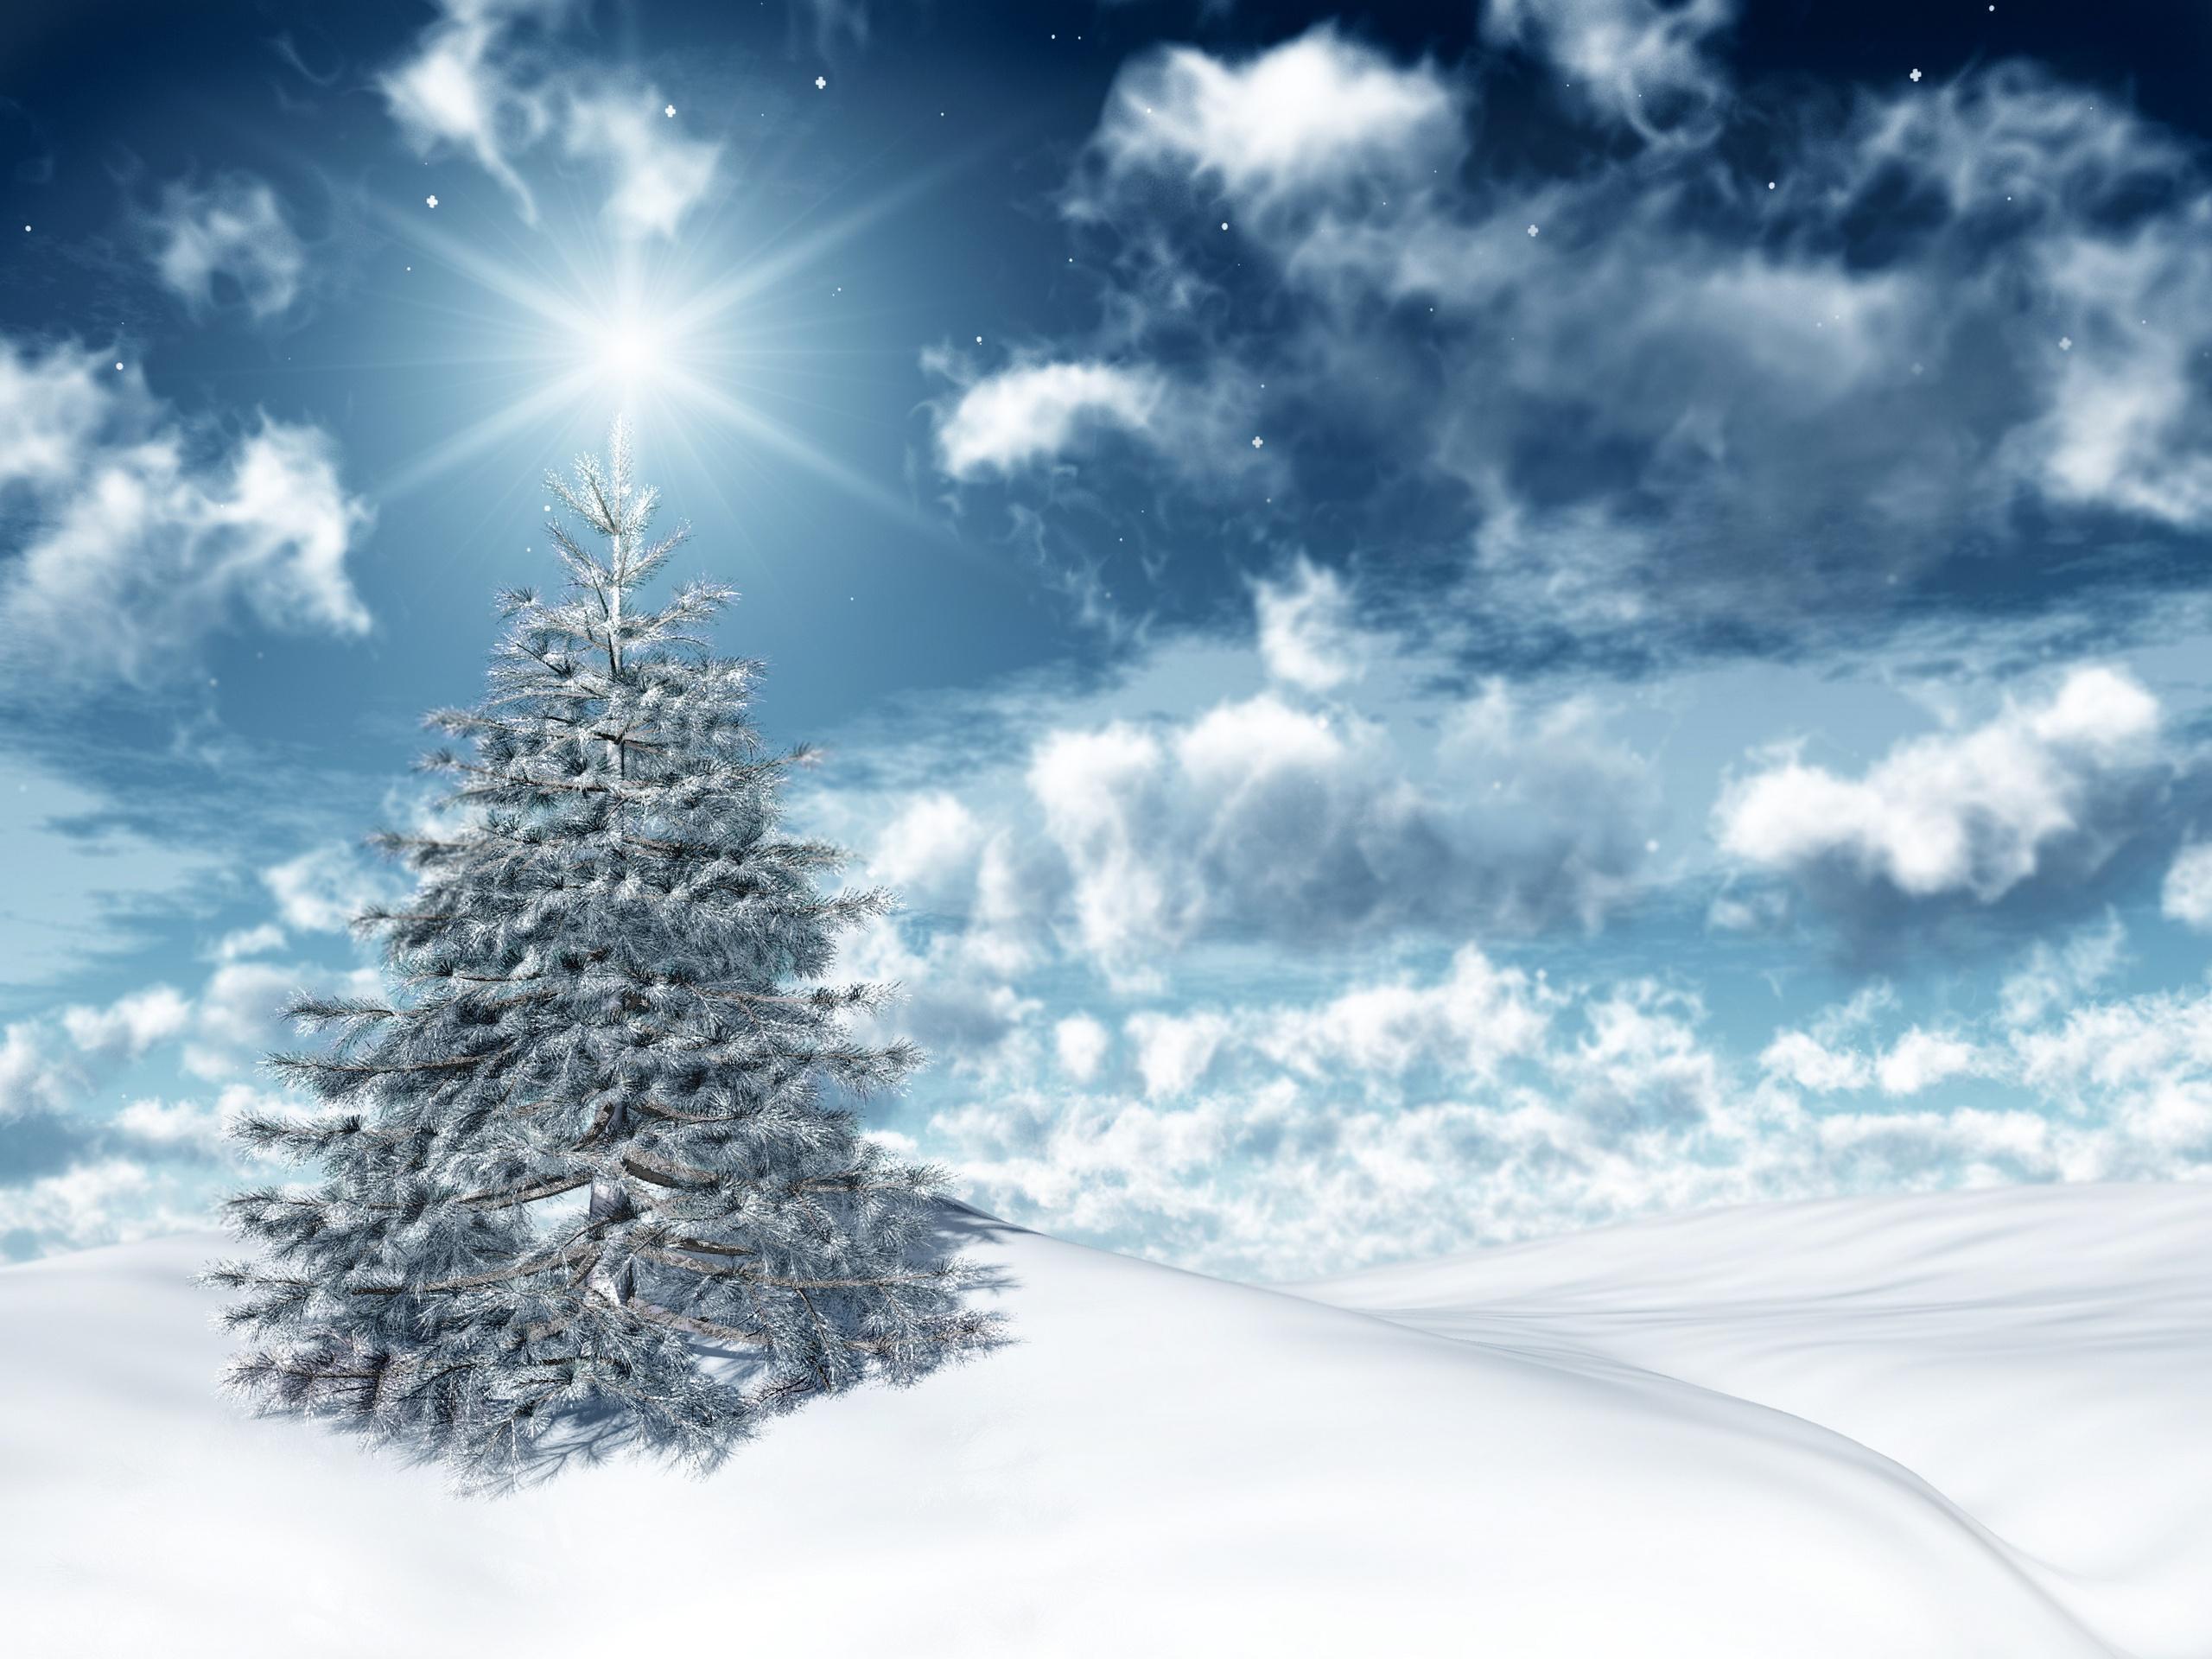 14087 скачать обои Праздники, Зима, Звезды, Новый Год (New Year), Елки, Рождество (Christmas, Xmas) - заставки и картинки бесплатно